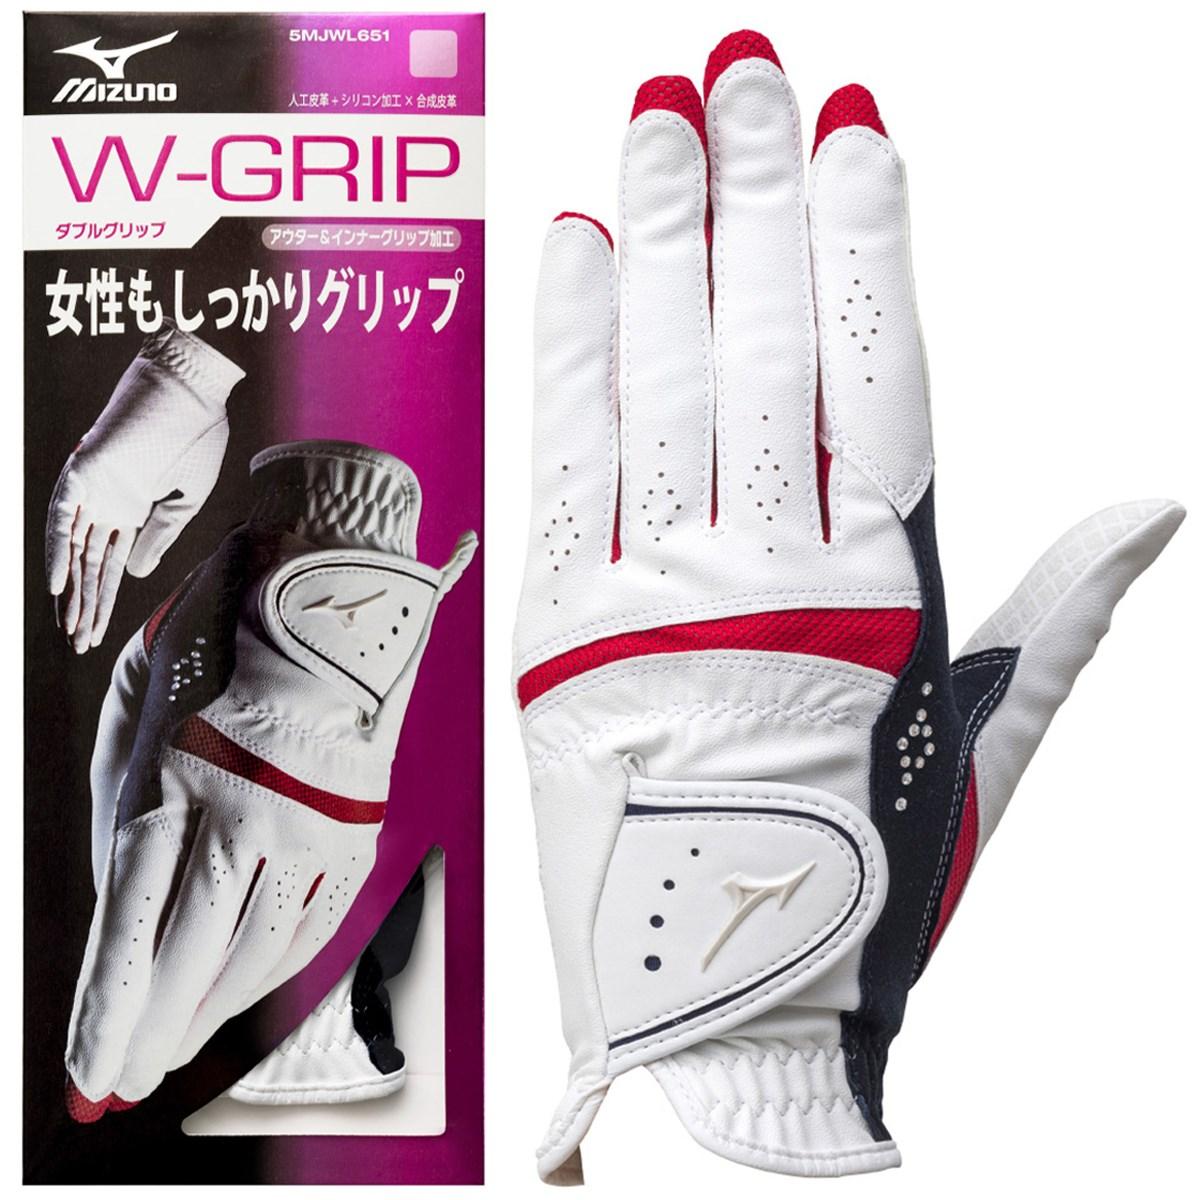 ミズノ(MIZUNO) W-GRIP グローブレディス